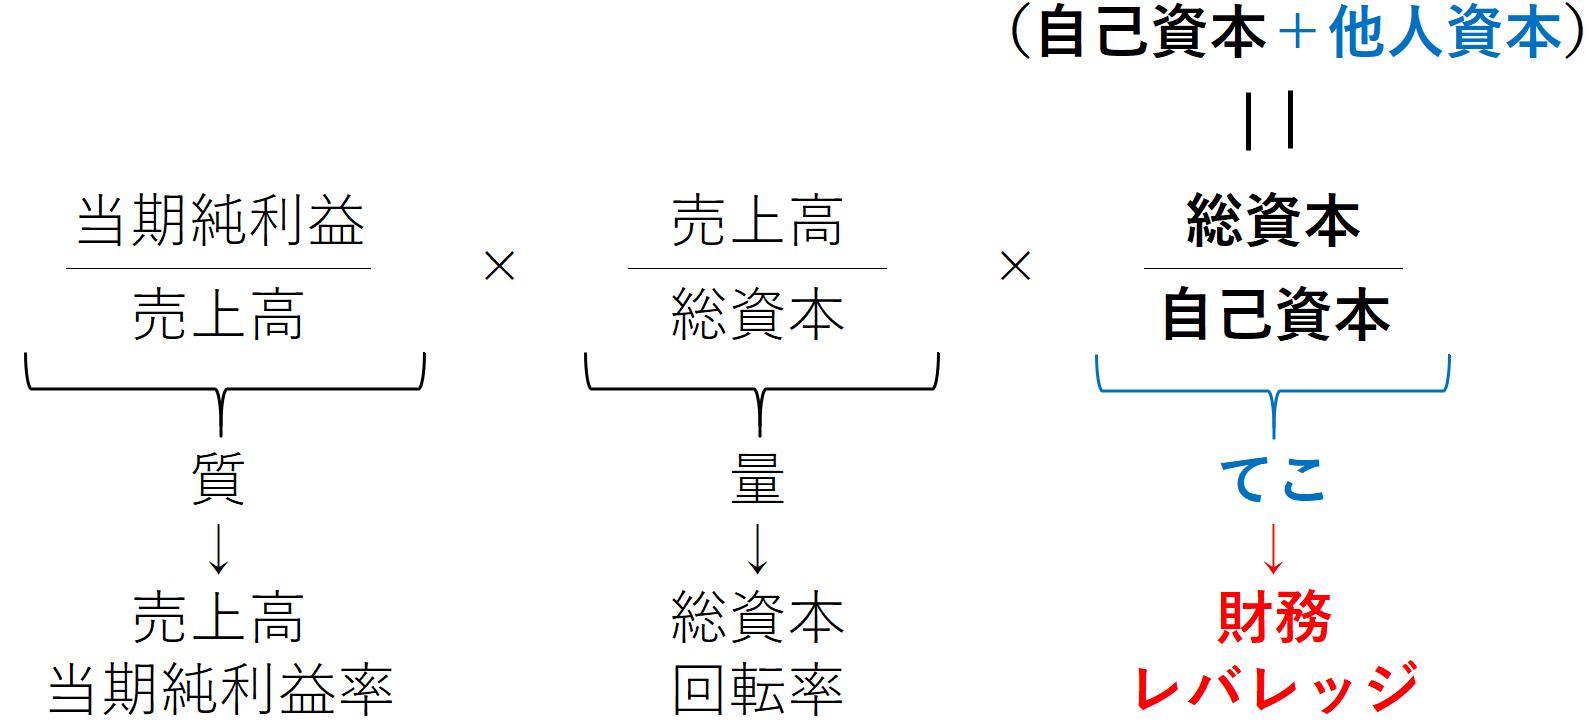 roe分解(財務レバレッジ)